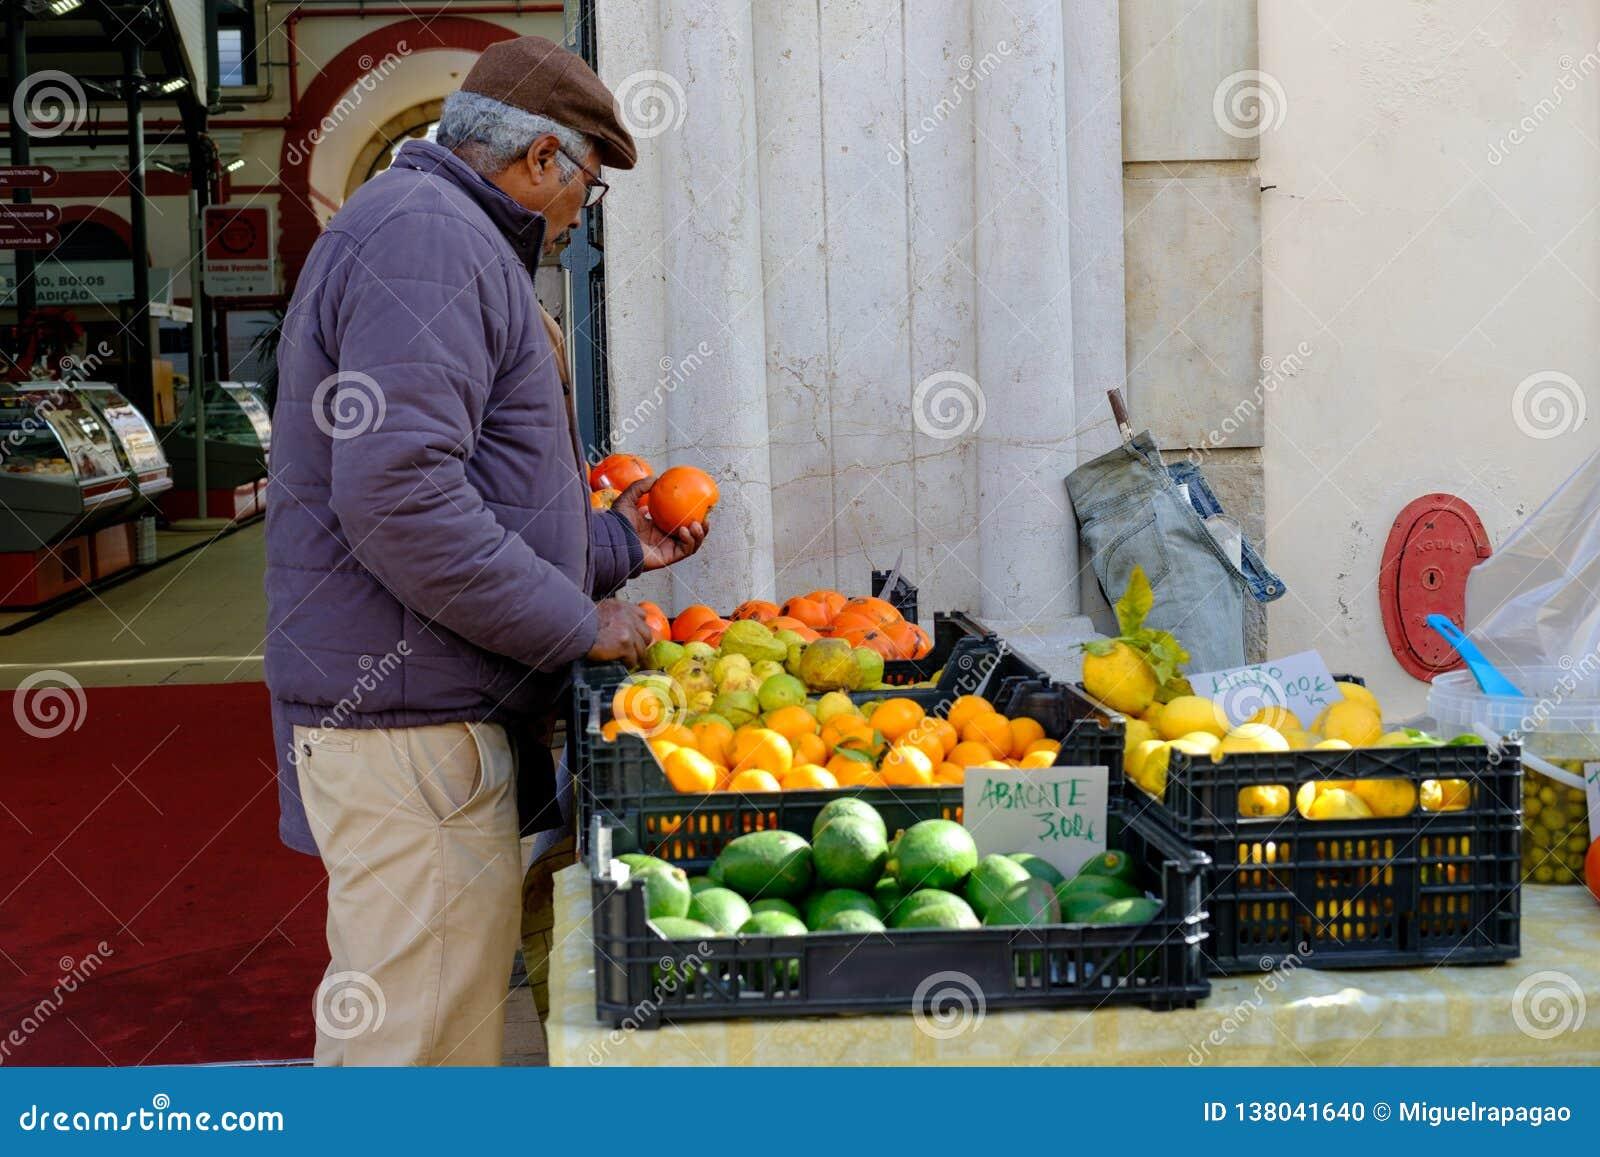 Mercado de Loule, Loule, Πορτογαλία - 18 Ιανουαρίου 2019: Συσκευασία ατόμων επάνω στην αγορά Loule